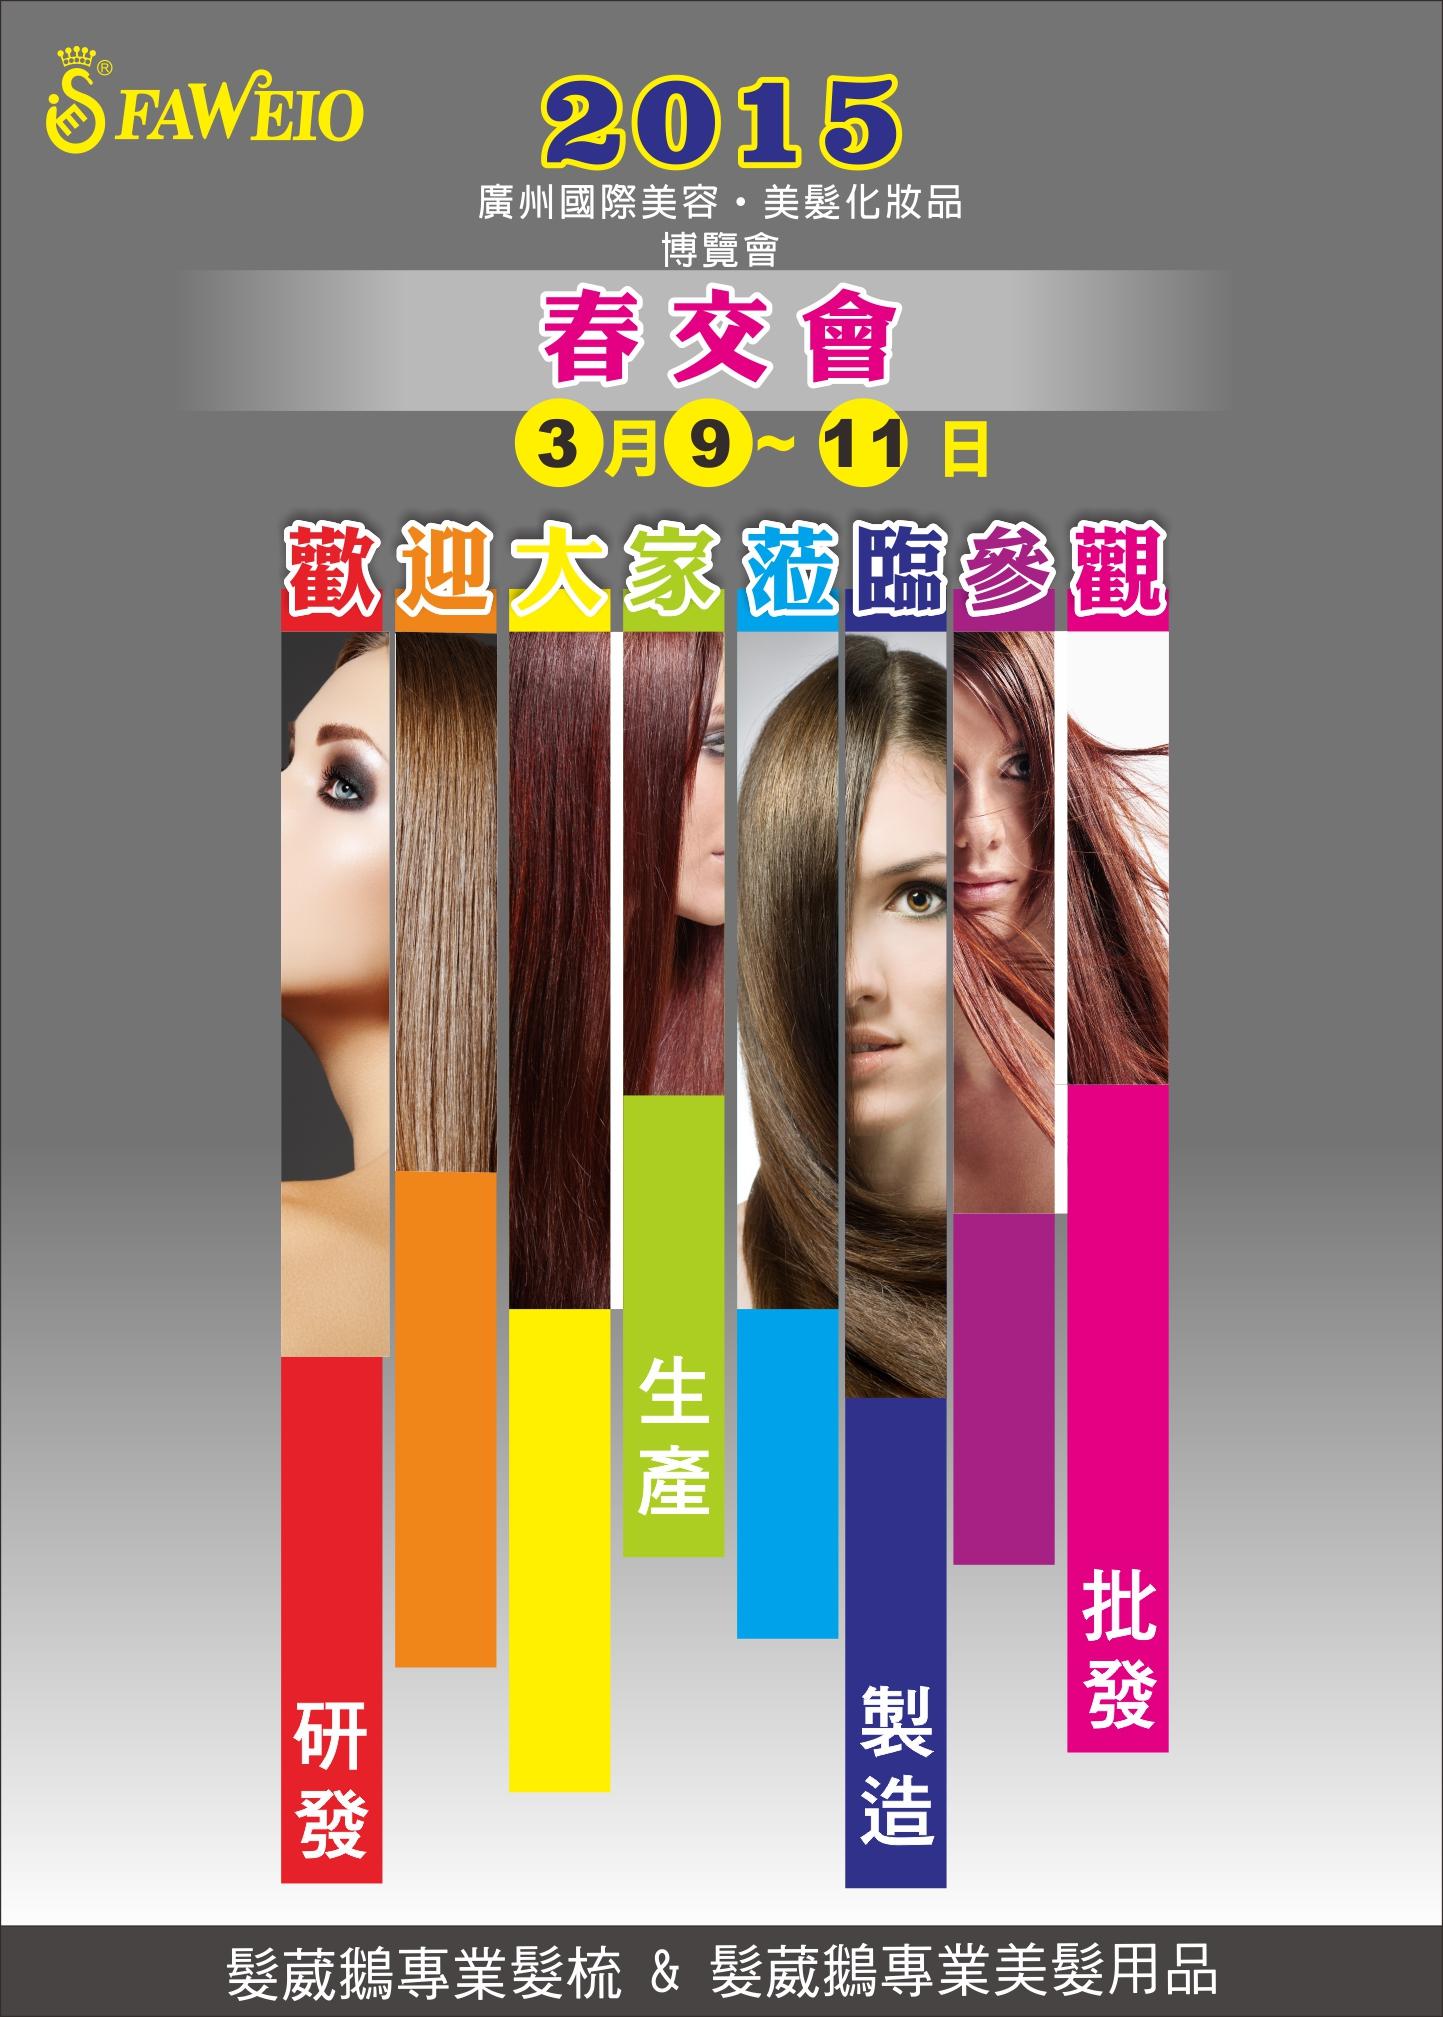 2015年 廣州國際美容美髮化妝品博覽會